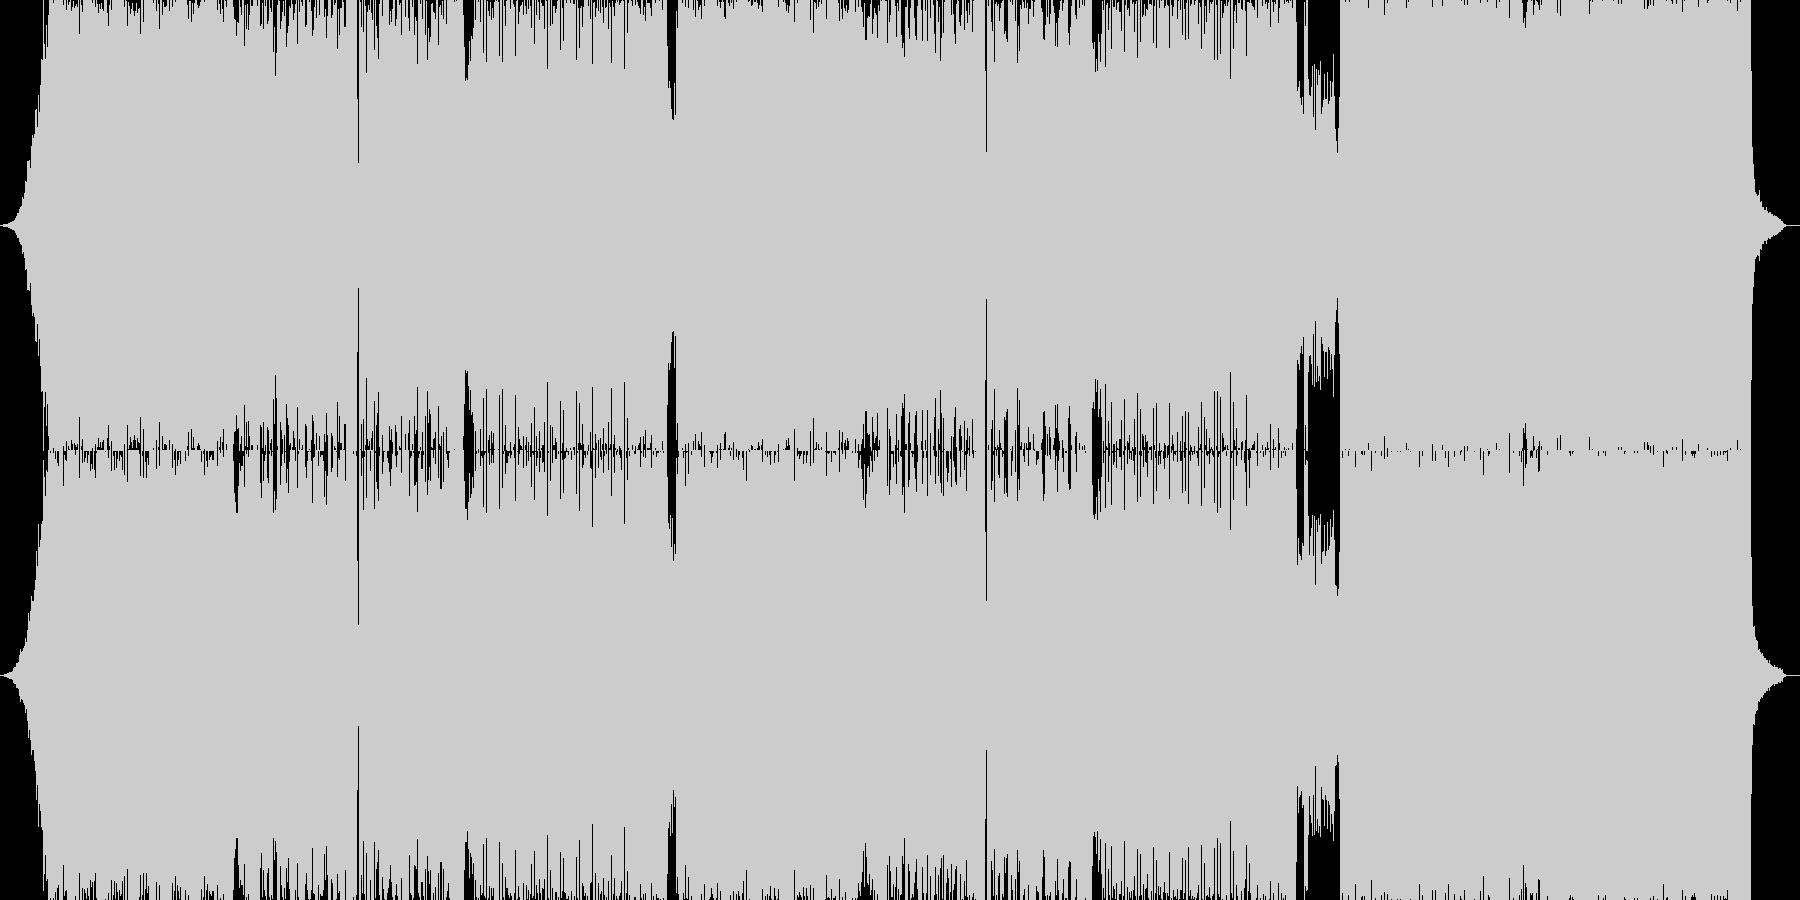 ハードロックとダンスミュージックの融合の未再生の波形